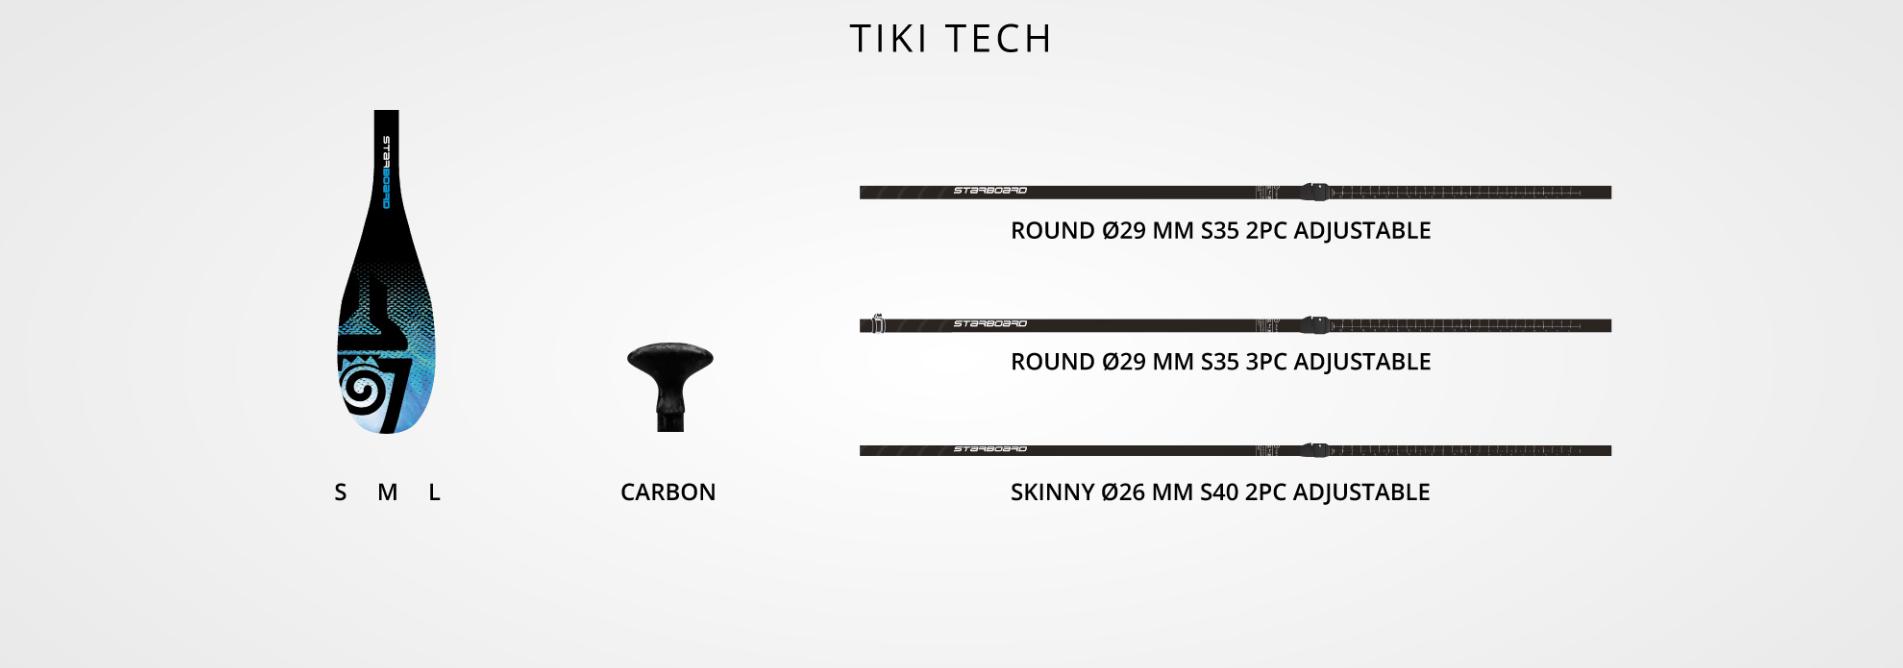 Starboard Paddle LIMA Tikitech 2 pieces Vario Skinny 26 Hybrid Carbon S40